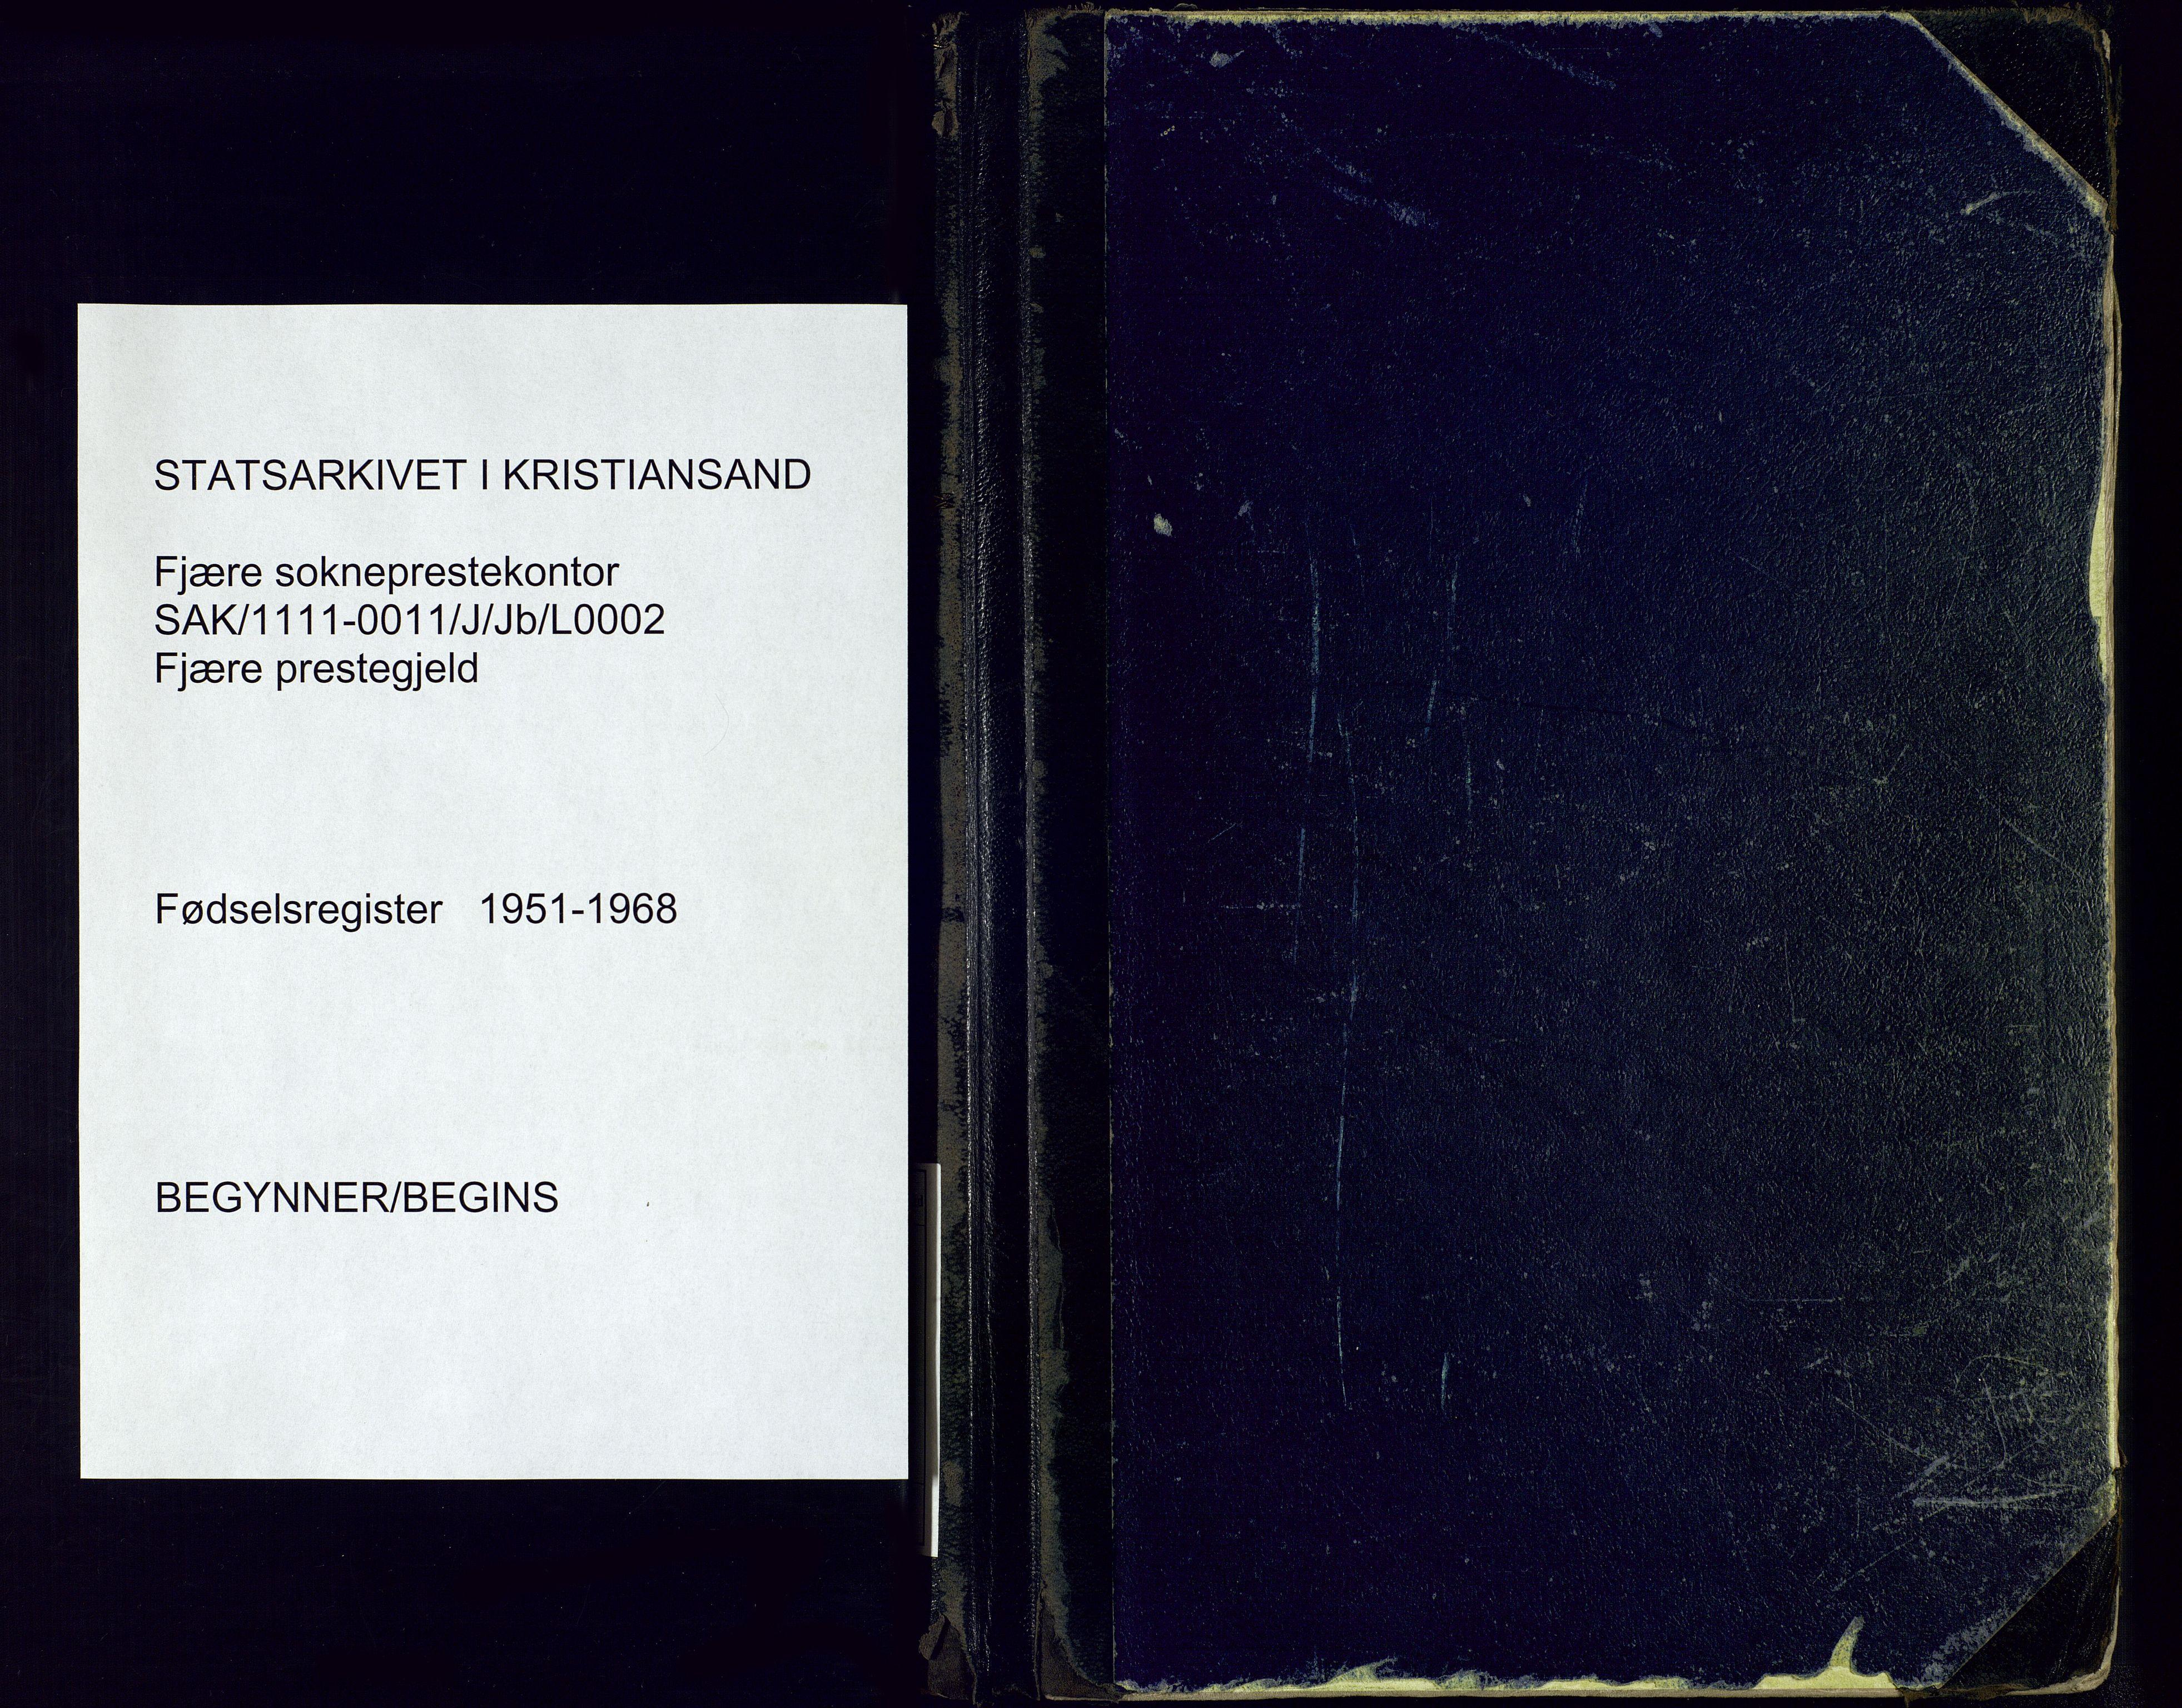 SAK, Fjære sokneprestkontor, J/Jb/L0002: Fødselsregister nr. 2, 1951-1968